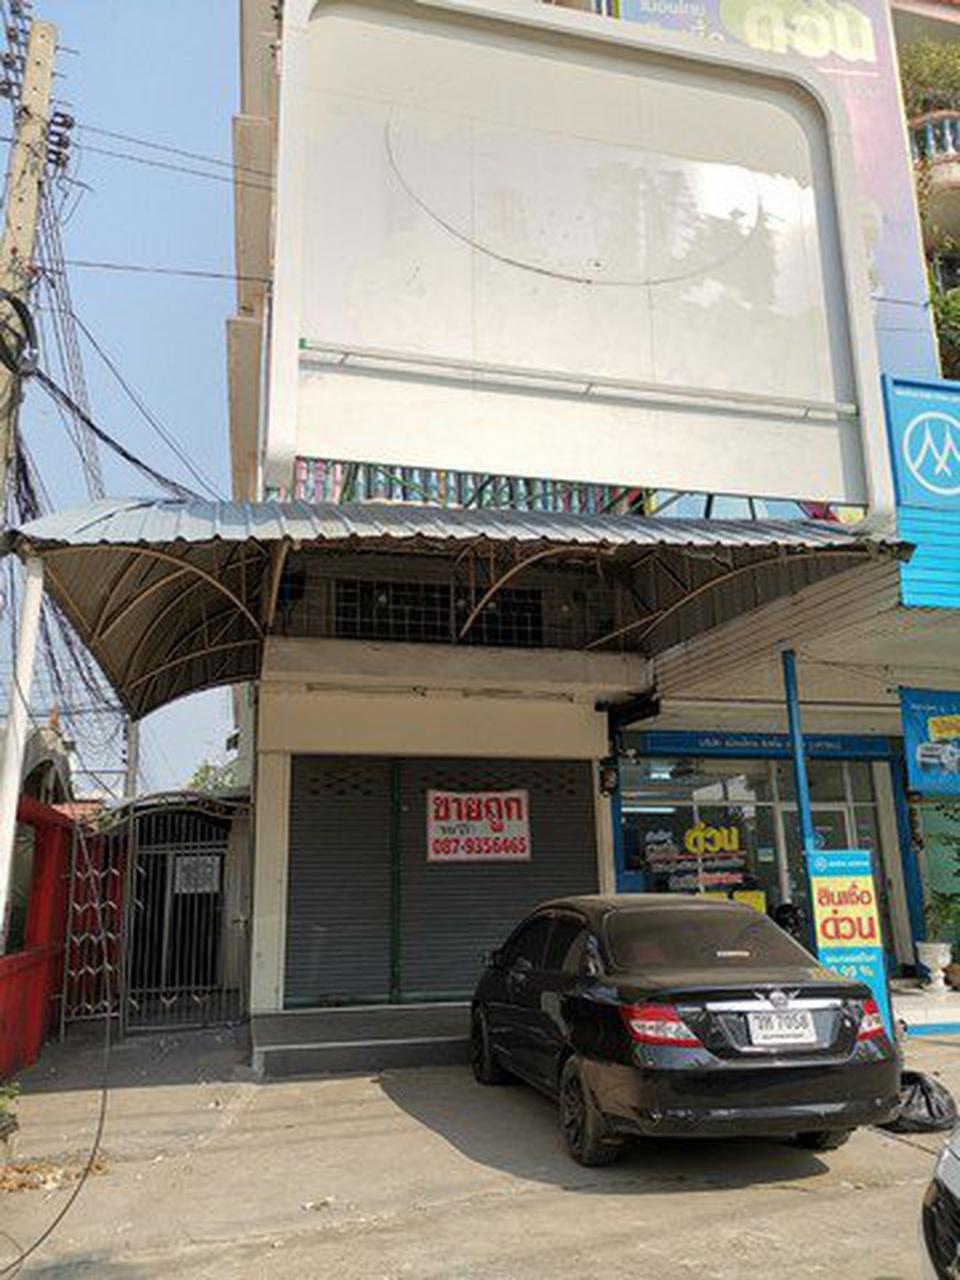 ขาย/เช่า ตึกแถว 5ชั้น  ติดริมถนนประชาอุทิศ 119 รูปที่ 1